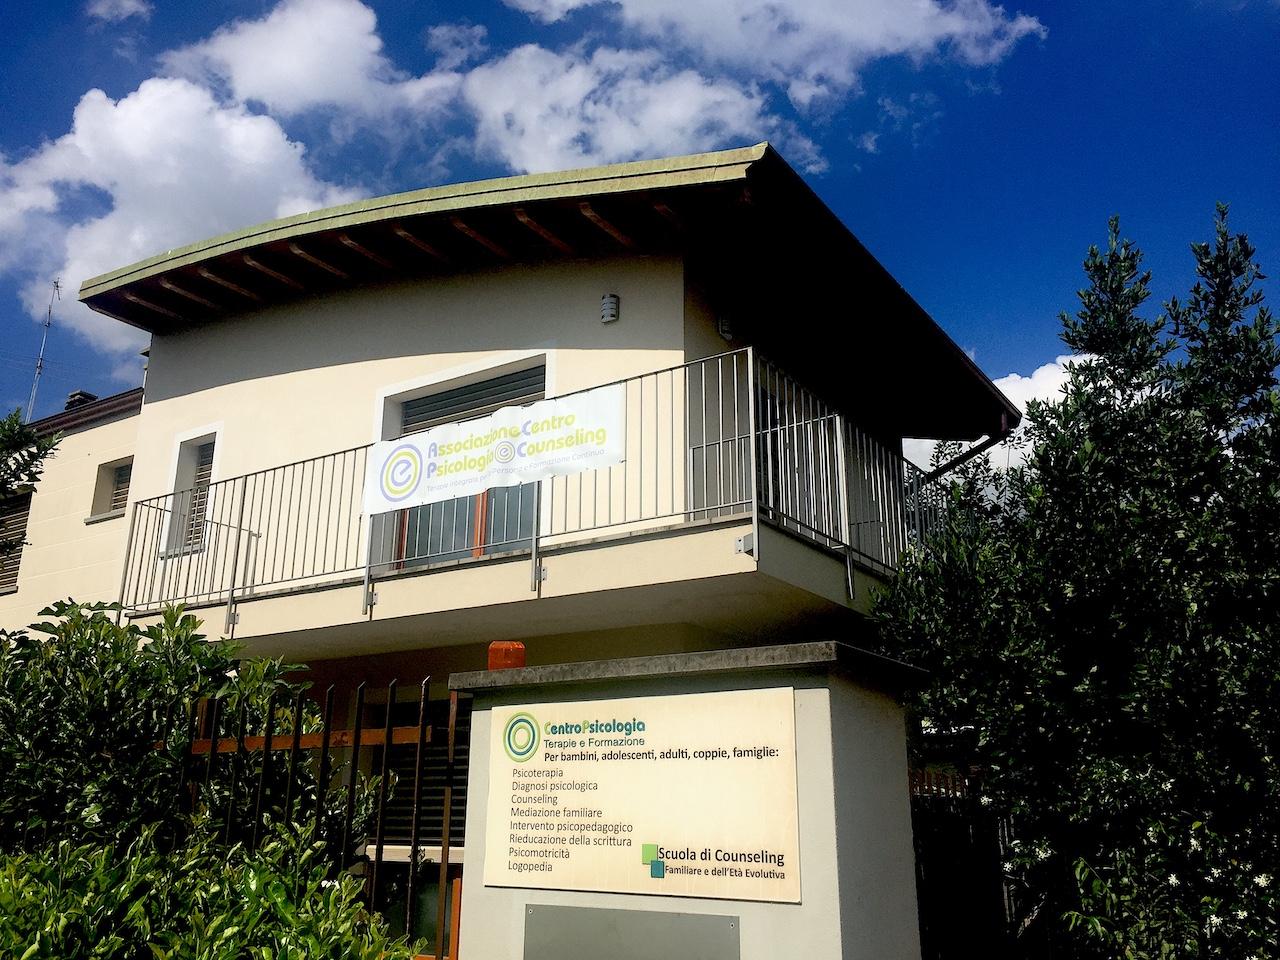 La casa del Centro Psicologia